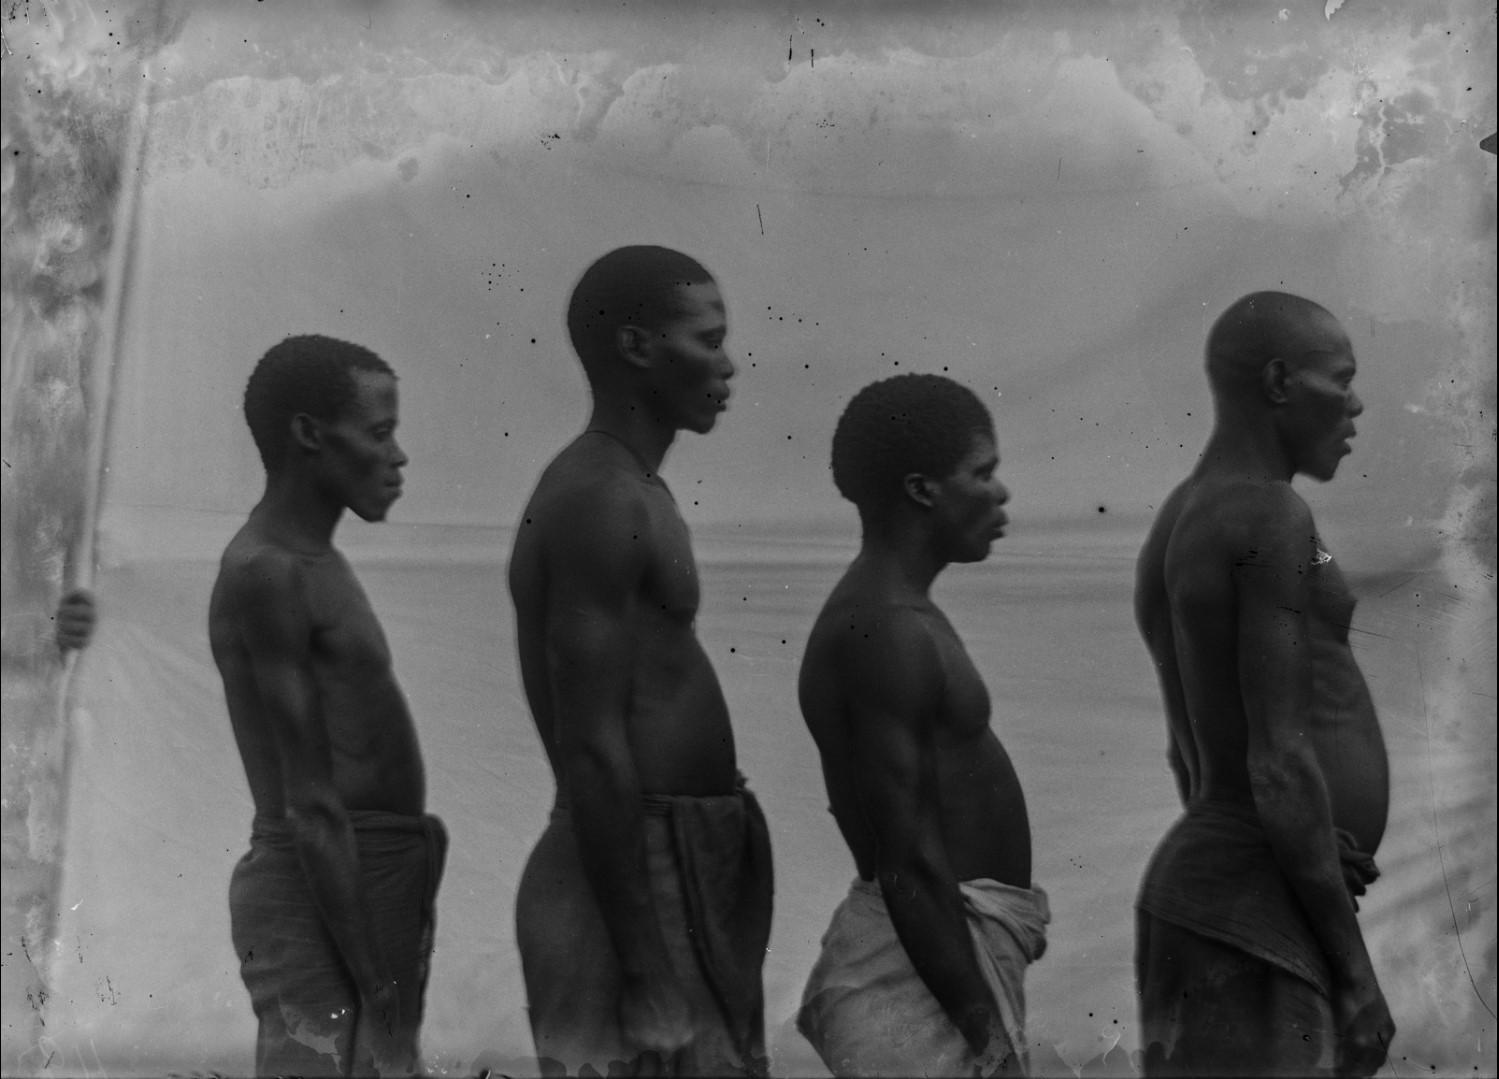 114. Антропометрическое изображение четырех мужчин Яо.jpg